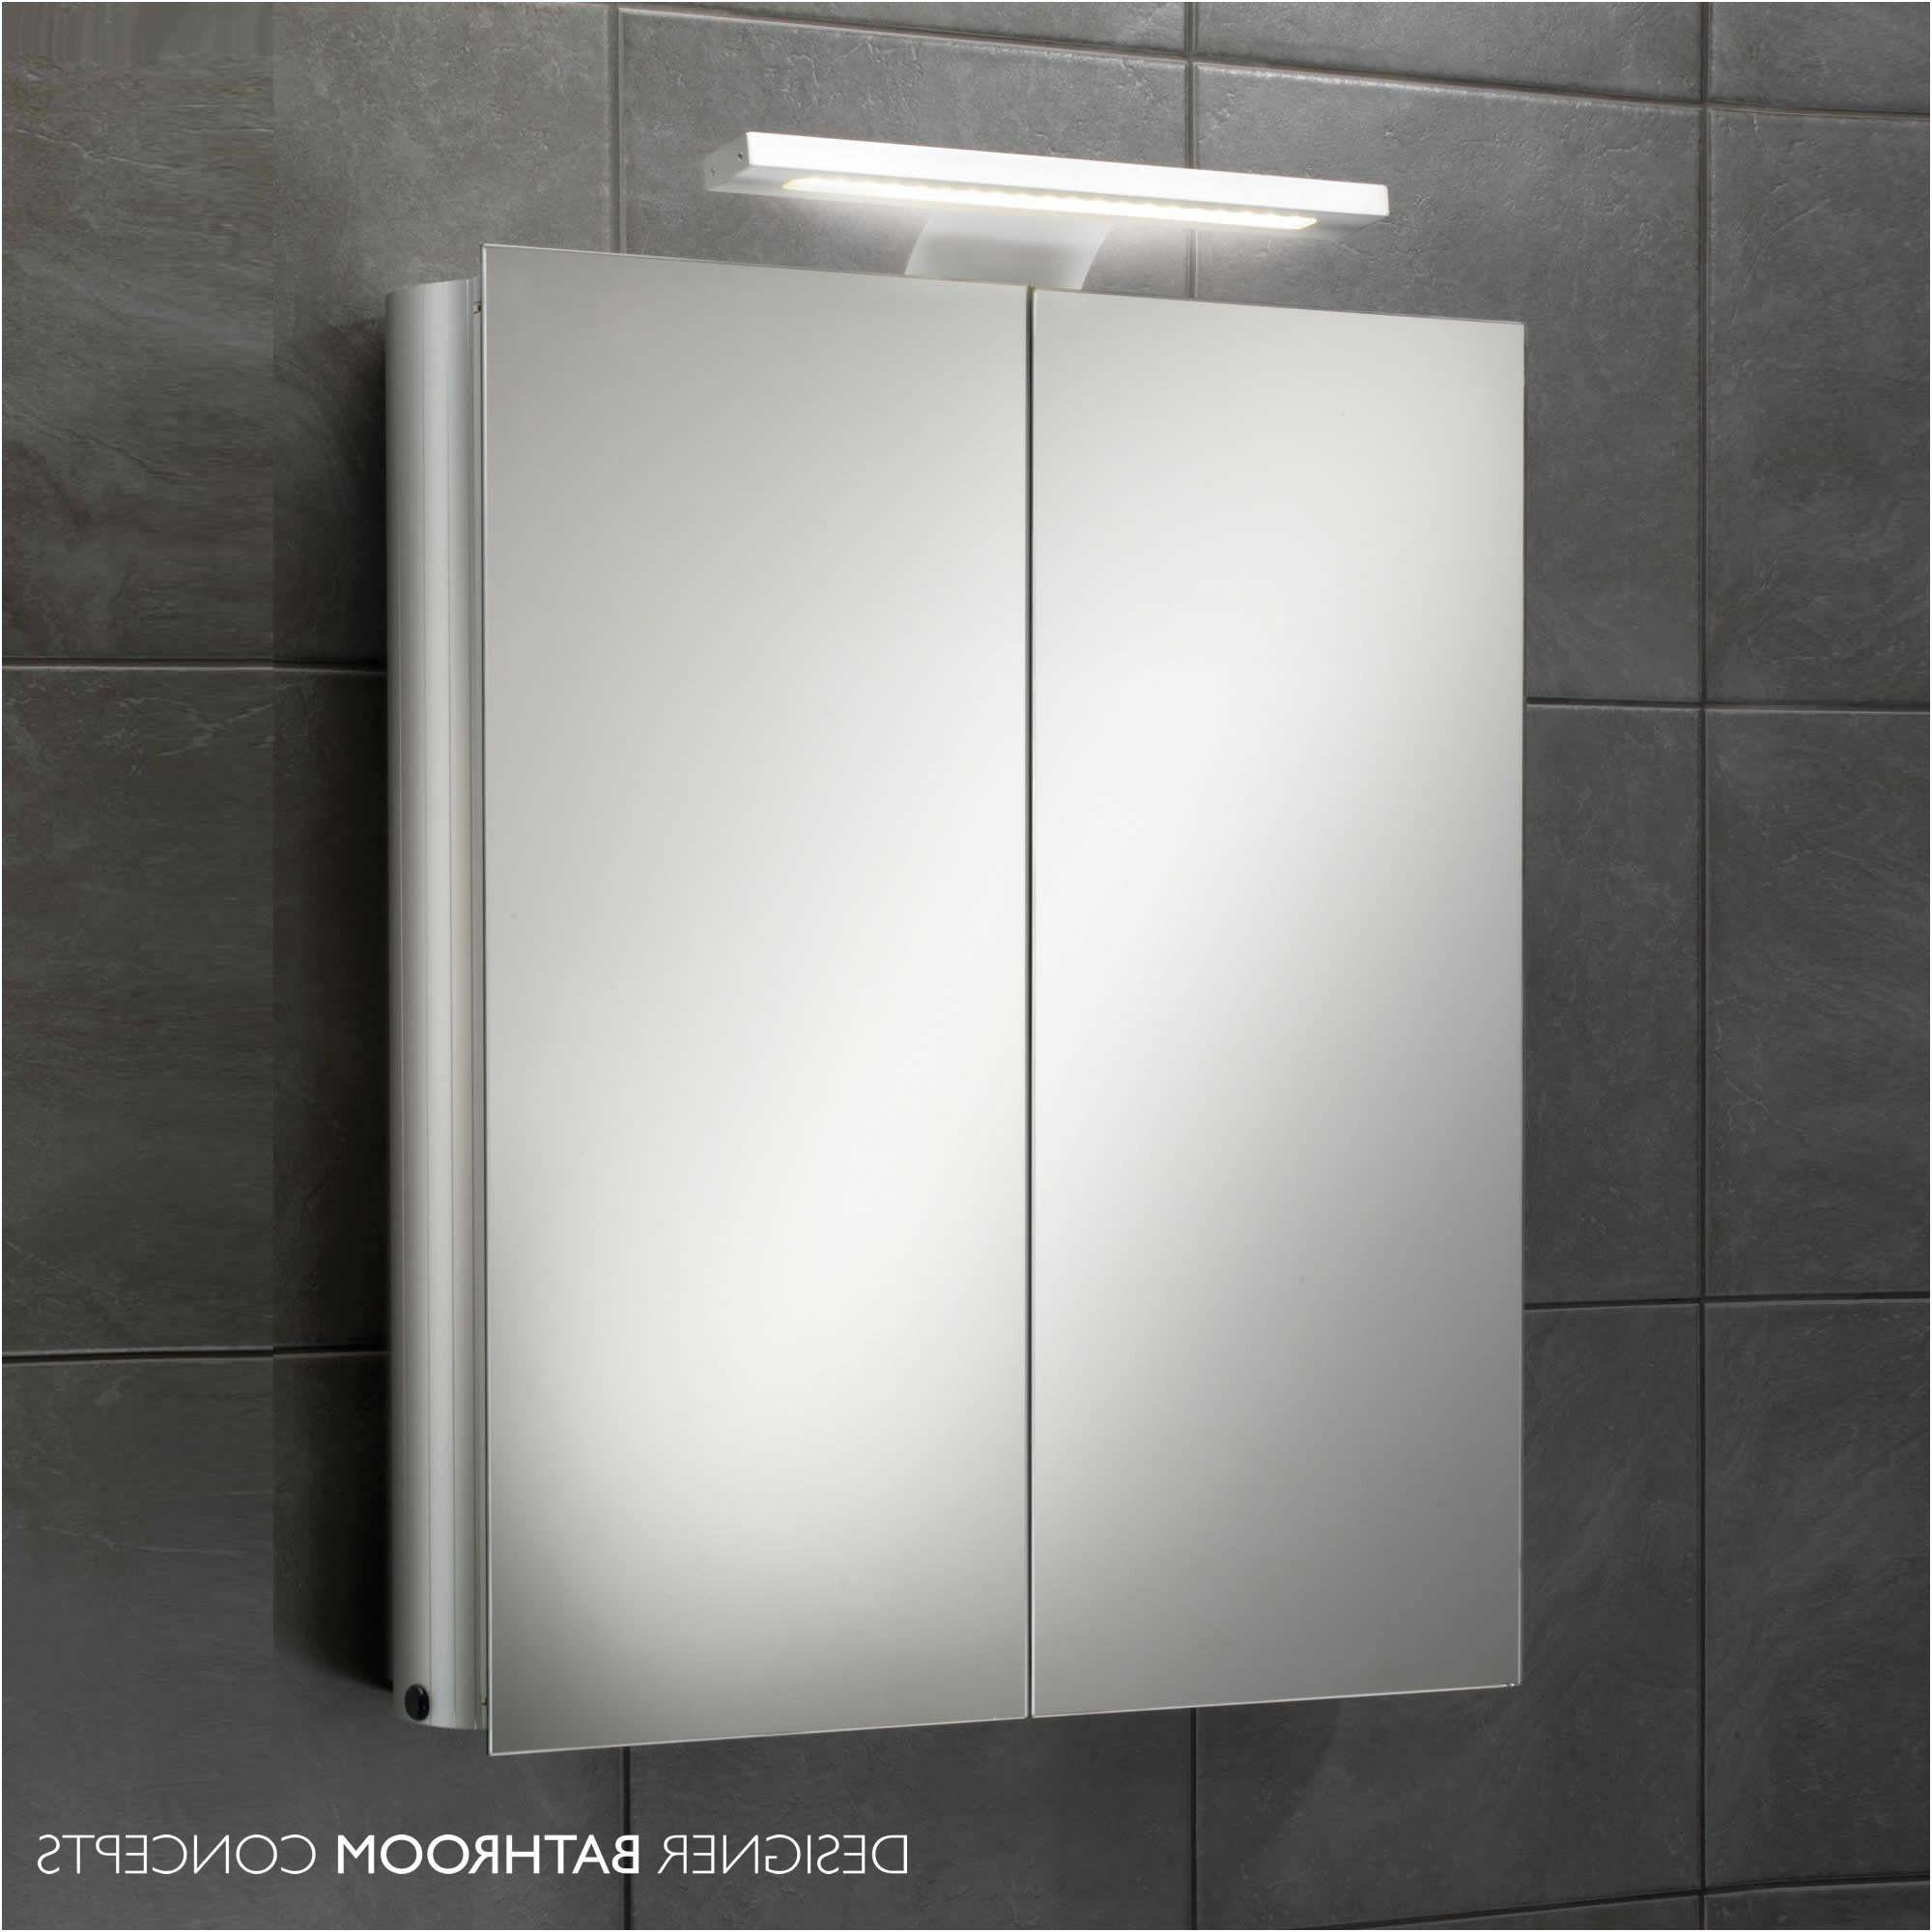 Designer Illuminated Mirrored Bathroom Cabinets Uk Bathroom From Mirrored Bathroom